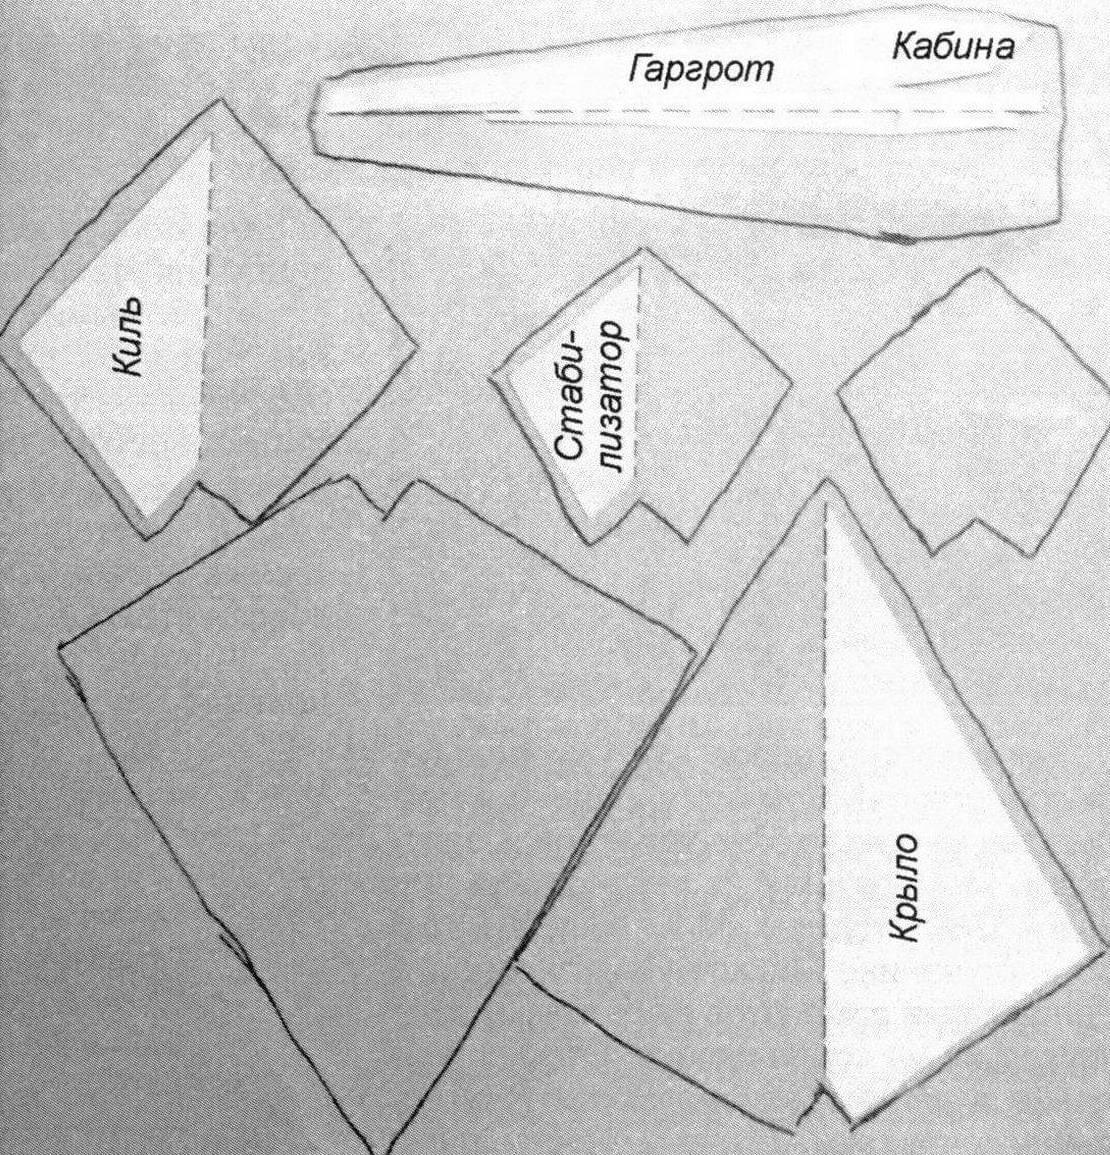 Очерчивая шаблоны (с припуском), переносим контуры деталей на пенопласт и ватман